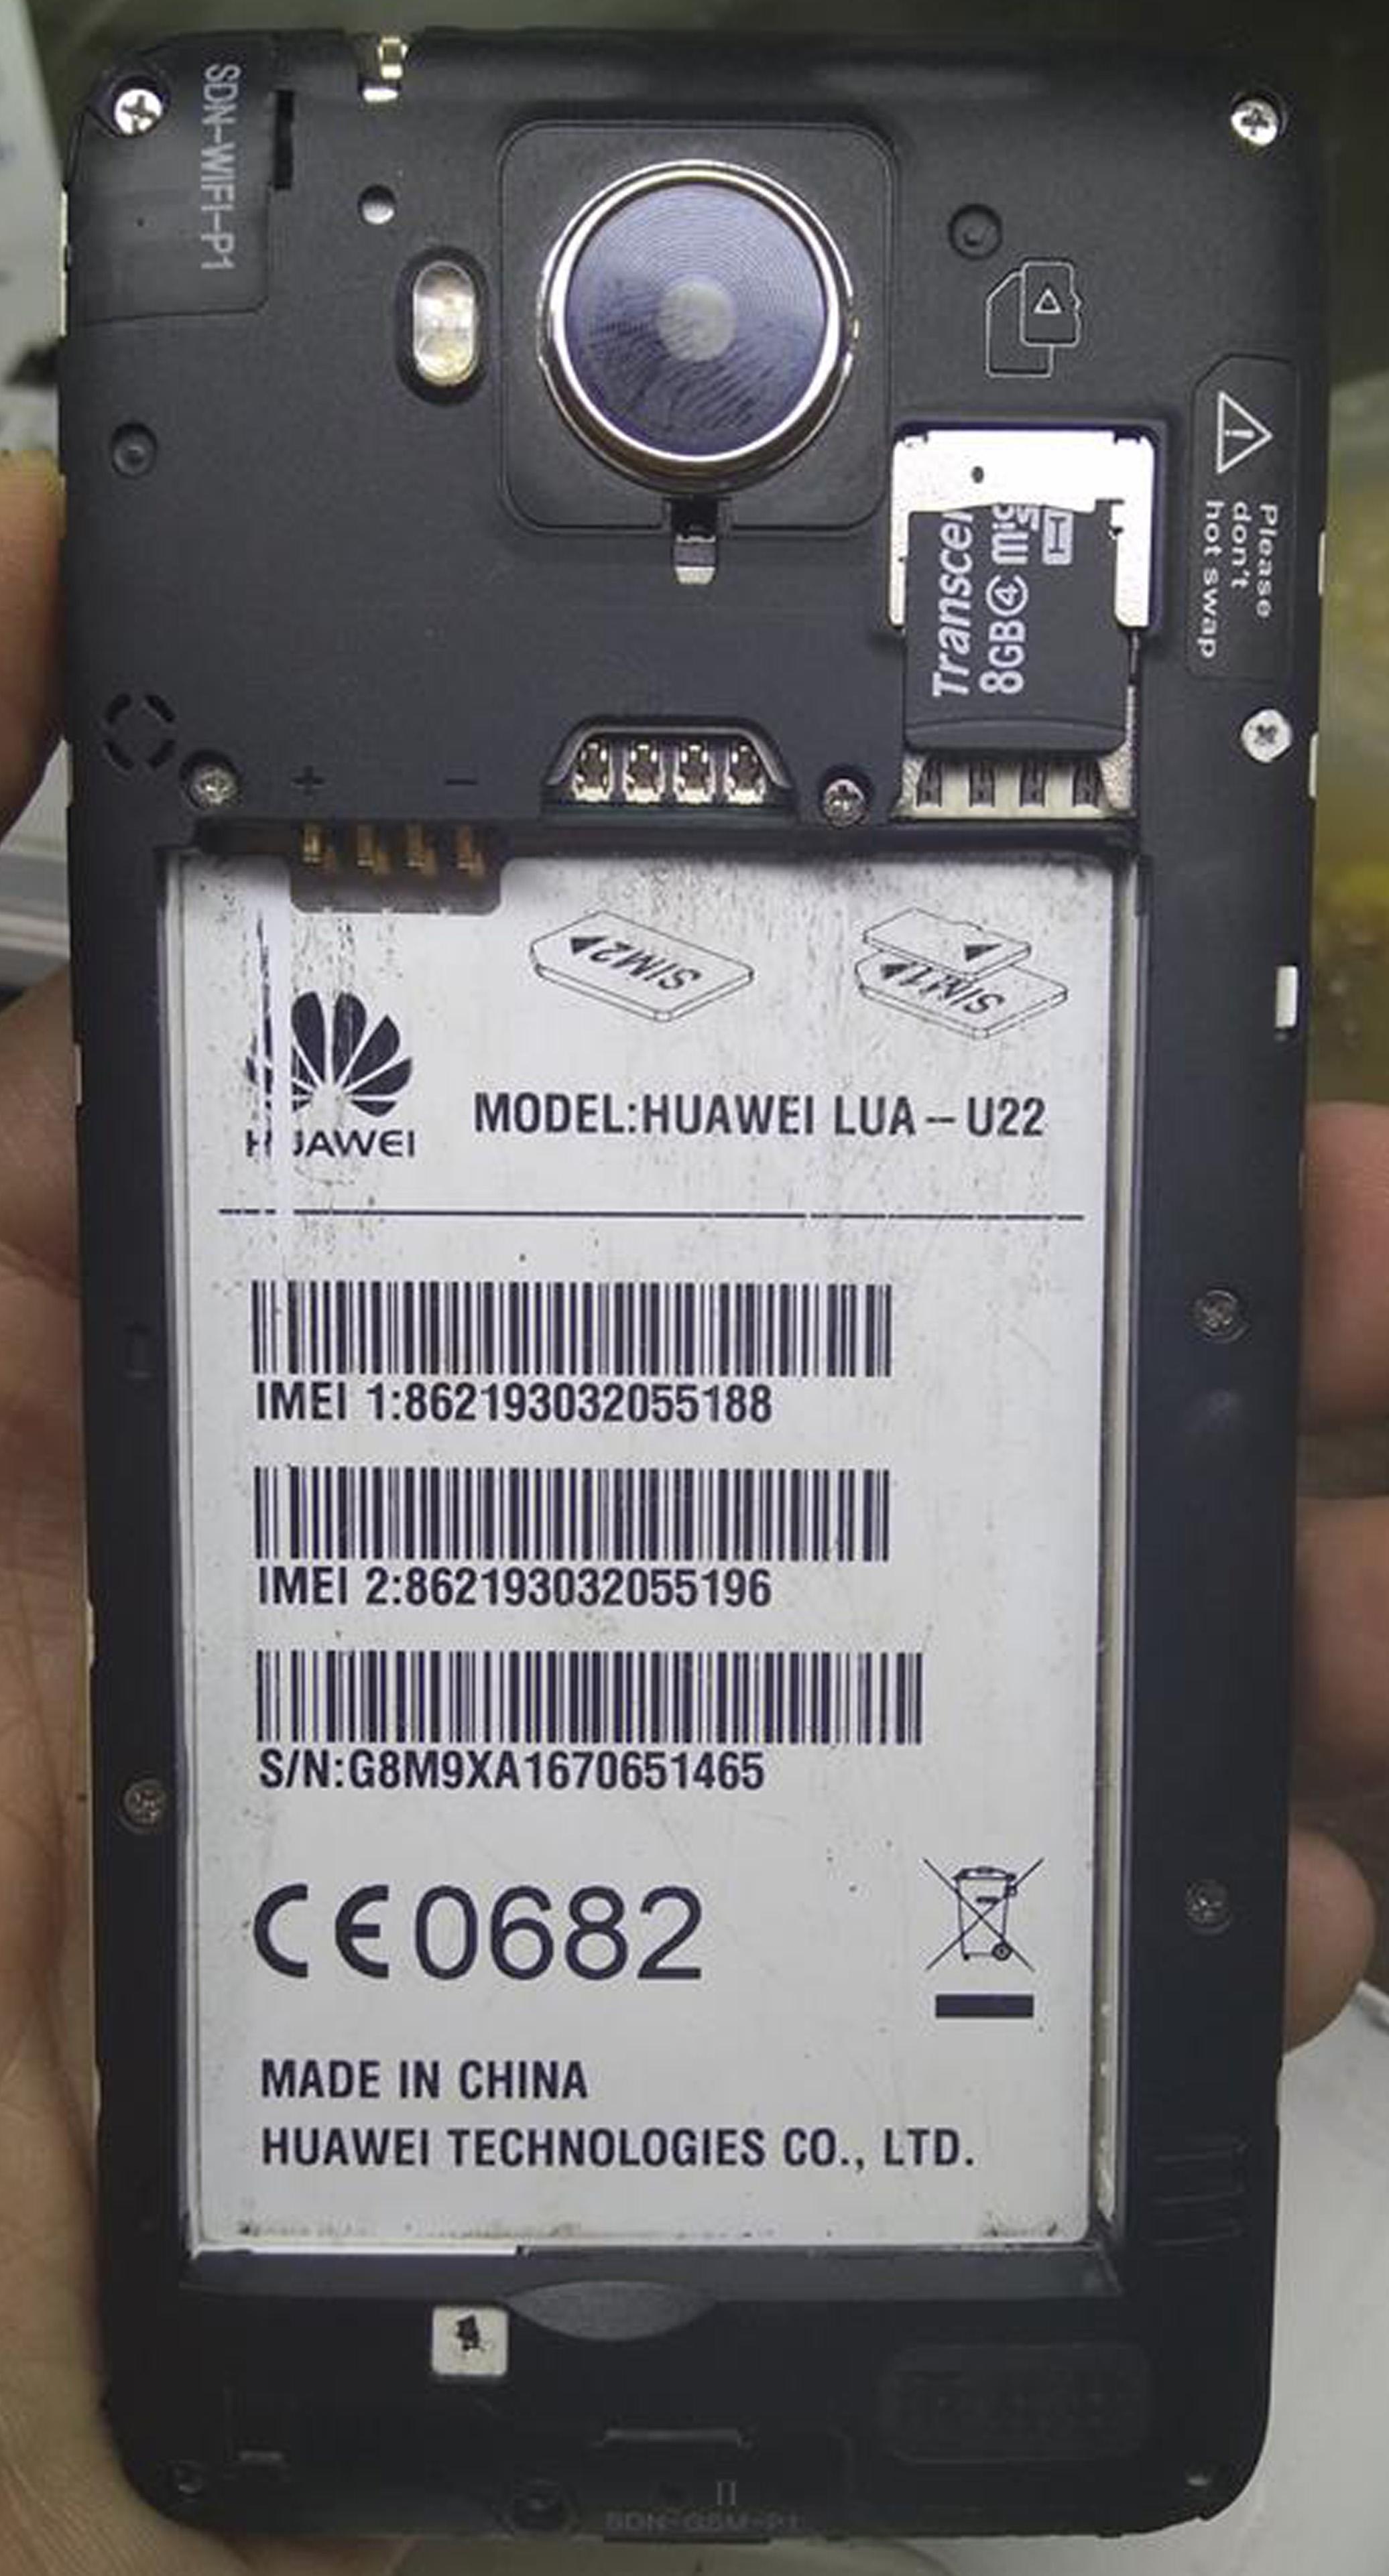 Huawei Lua U22 Sd Card Update